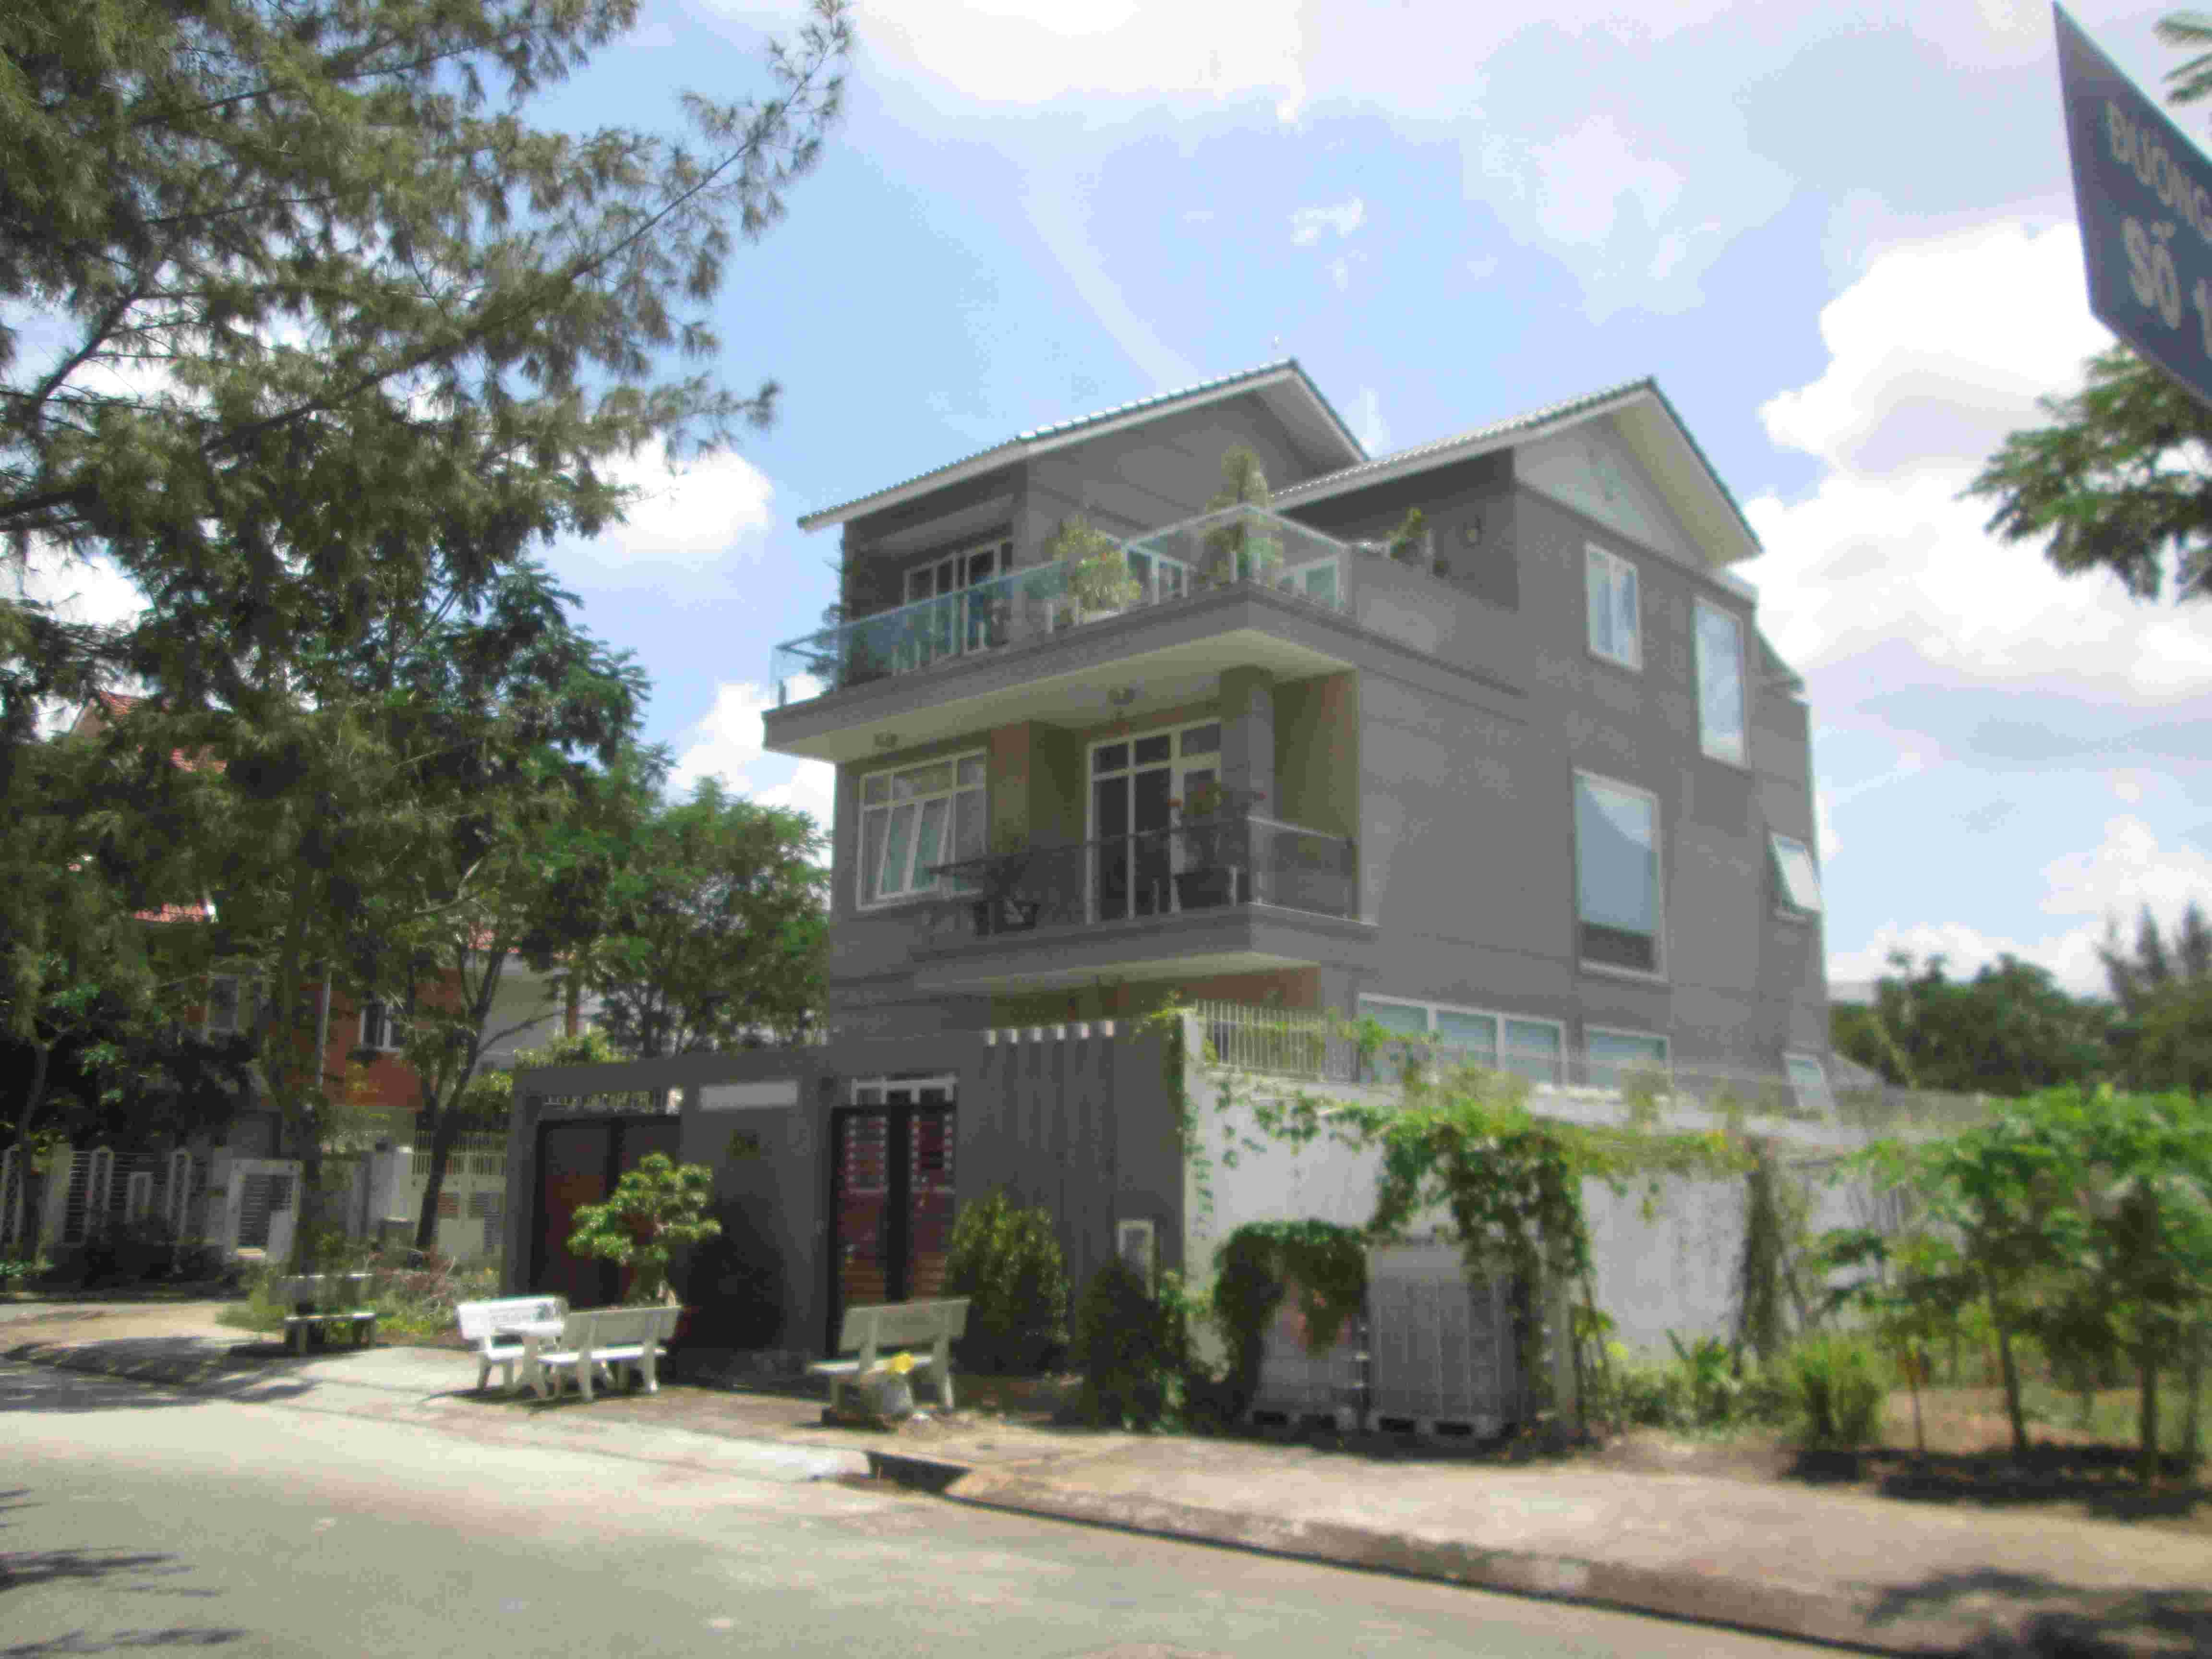 Bán gấp nền đất biệt thự Sadeco Phước Kiển A, 190m2, giá 70 triệu/m2. LH: 0913.050.053